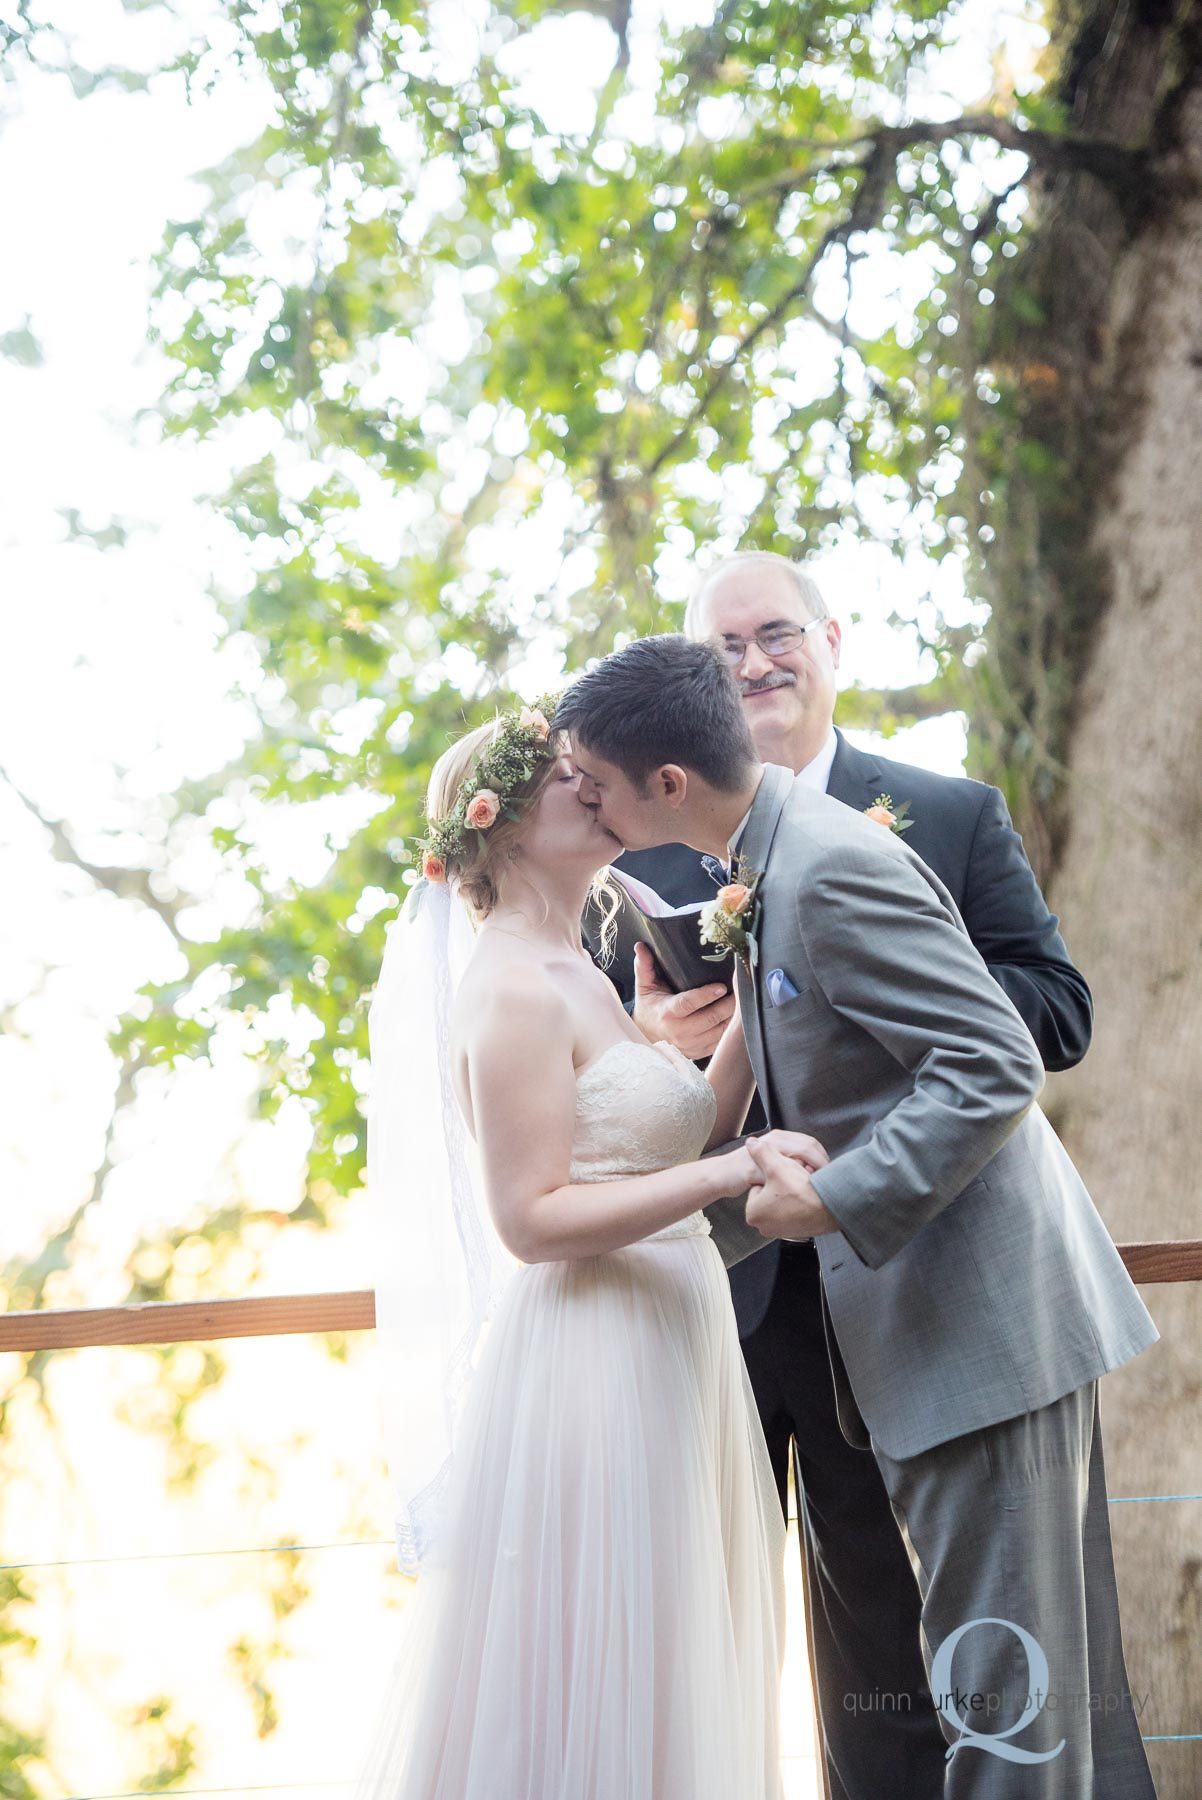 wedding first kiss at Perryhill Farm